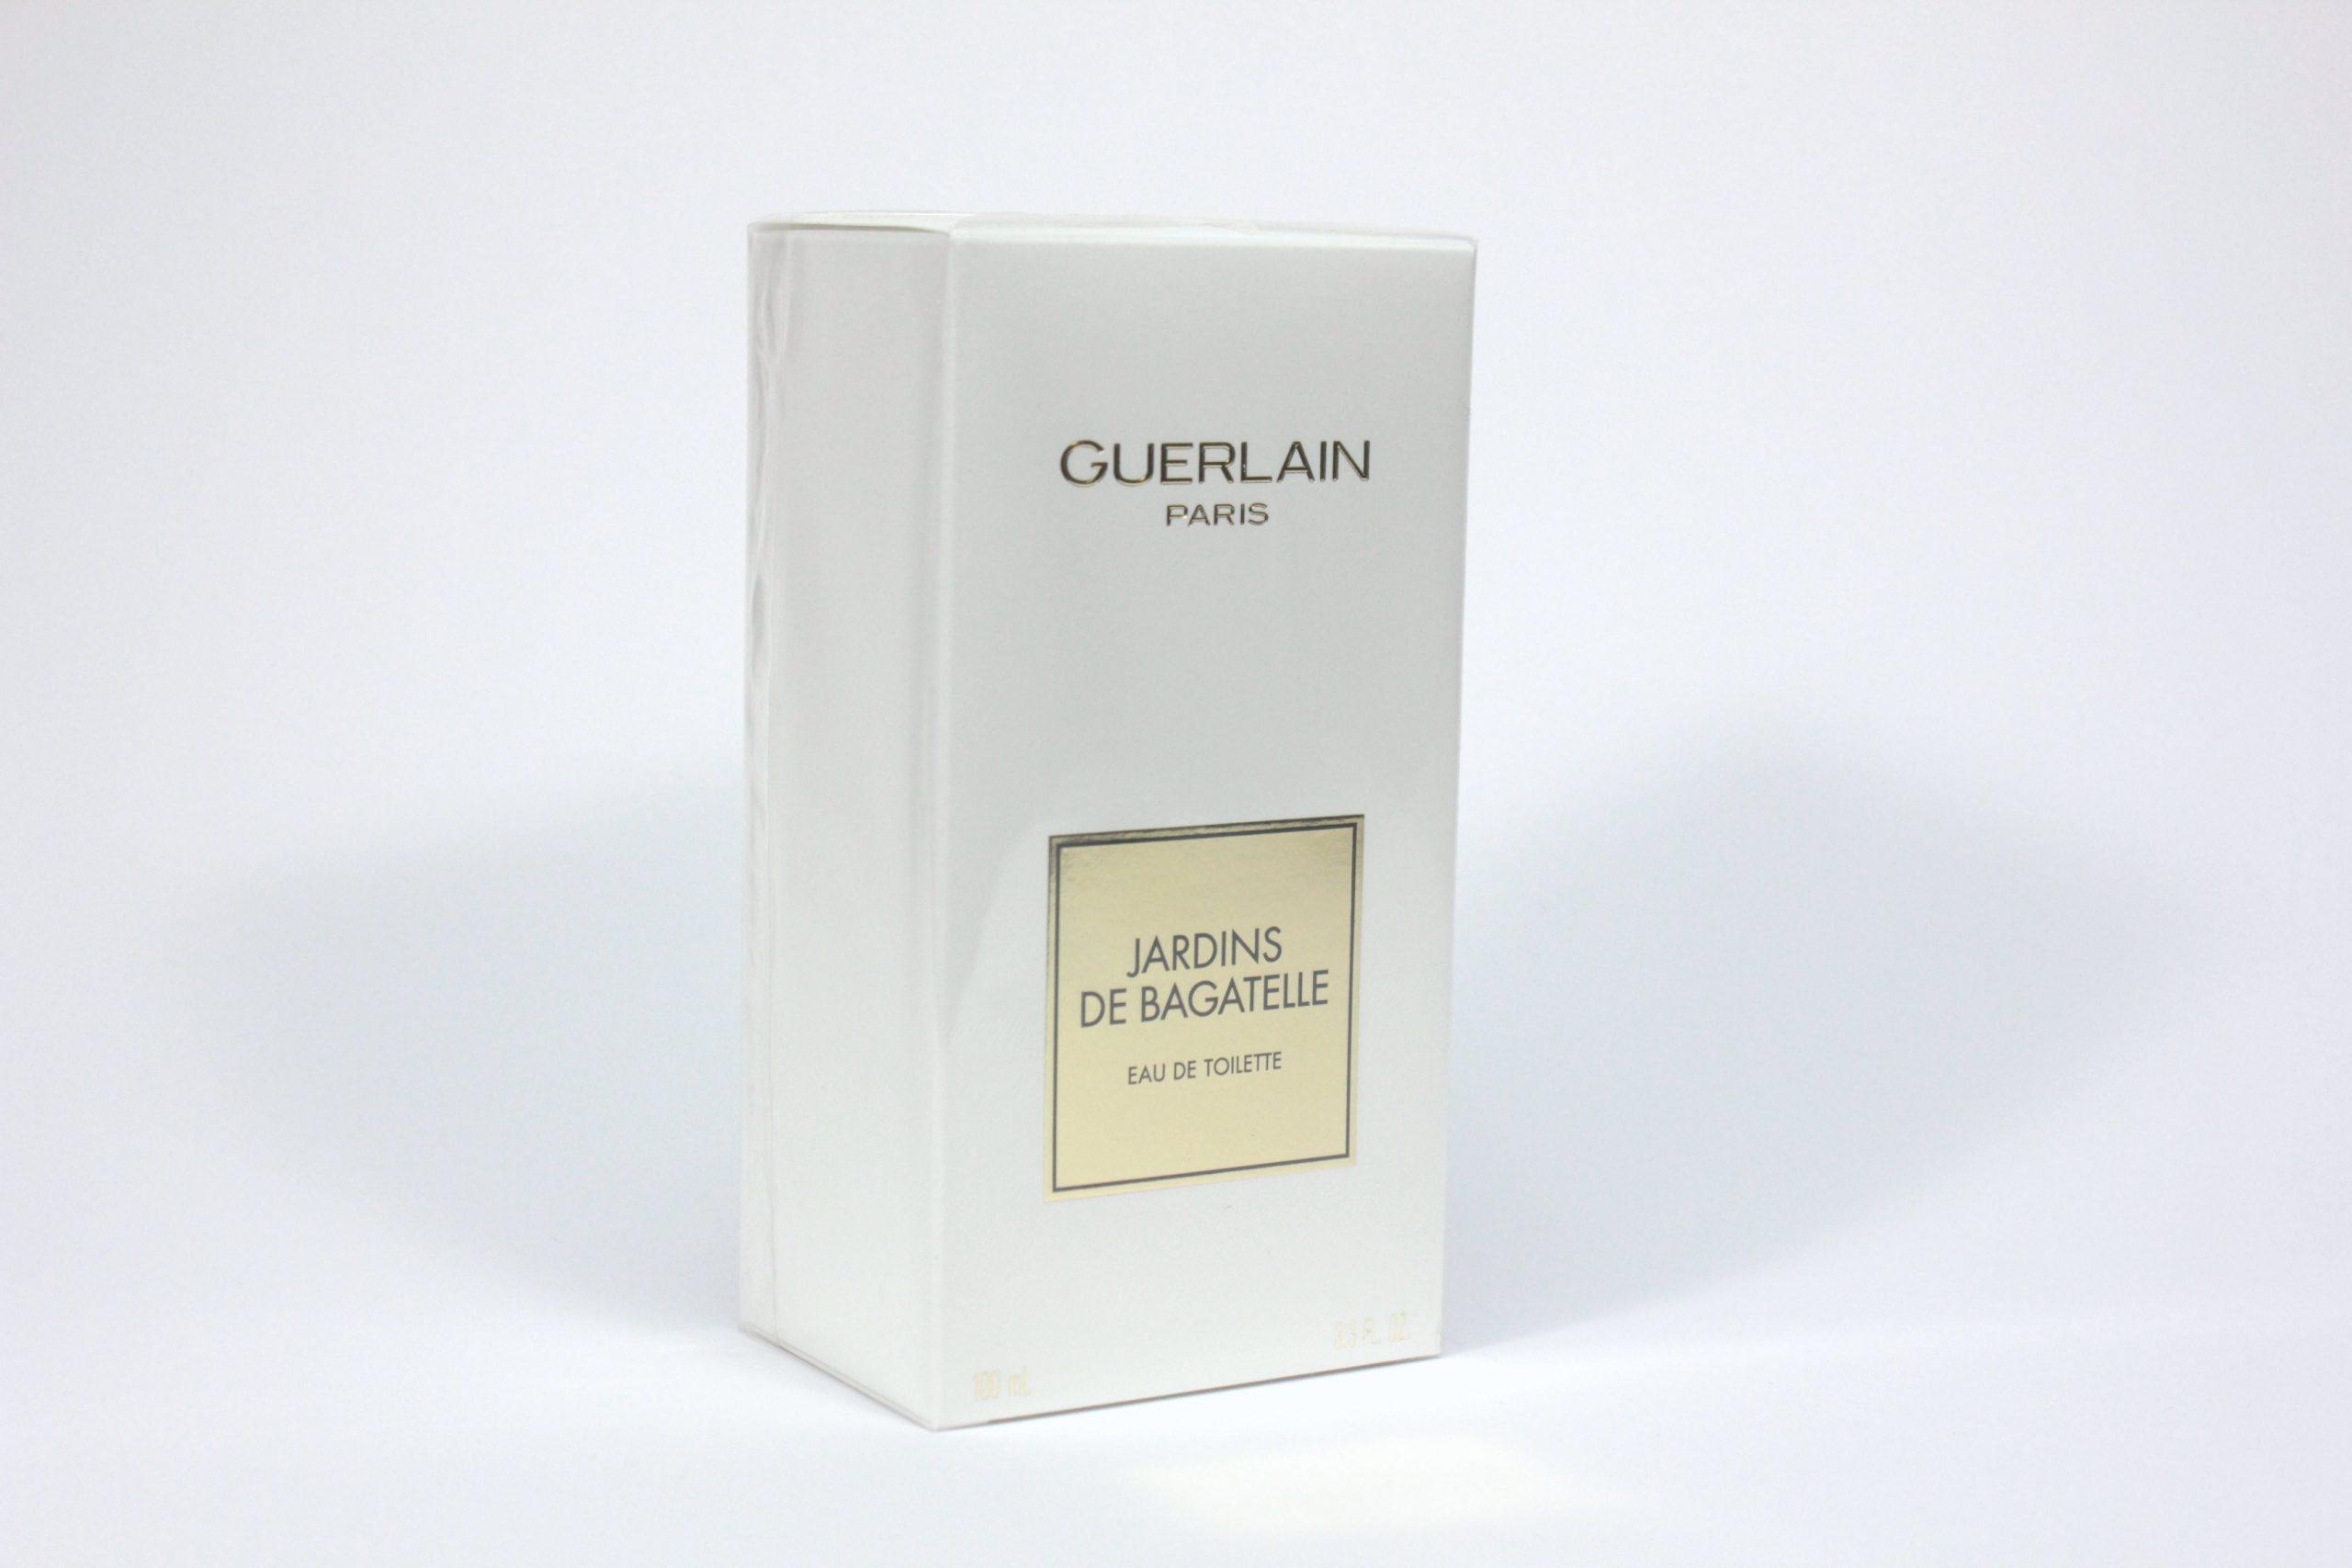 Guerlain Jardins De Bagatelle Profumo Donna Edt 100 Ml Vapo Perfume Women  Spray à Jardin De Bagatelle Guerlain